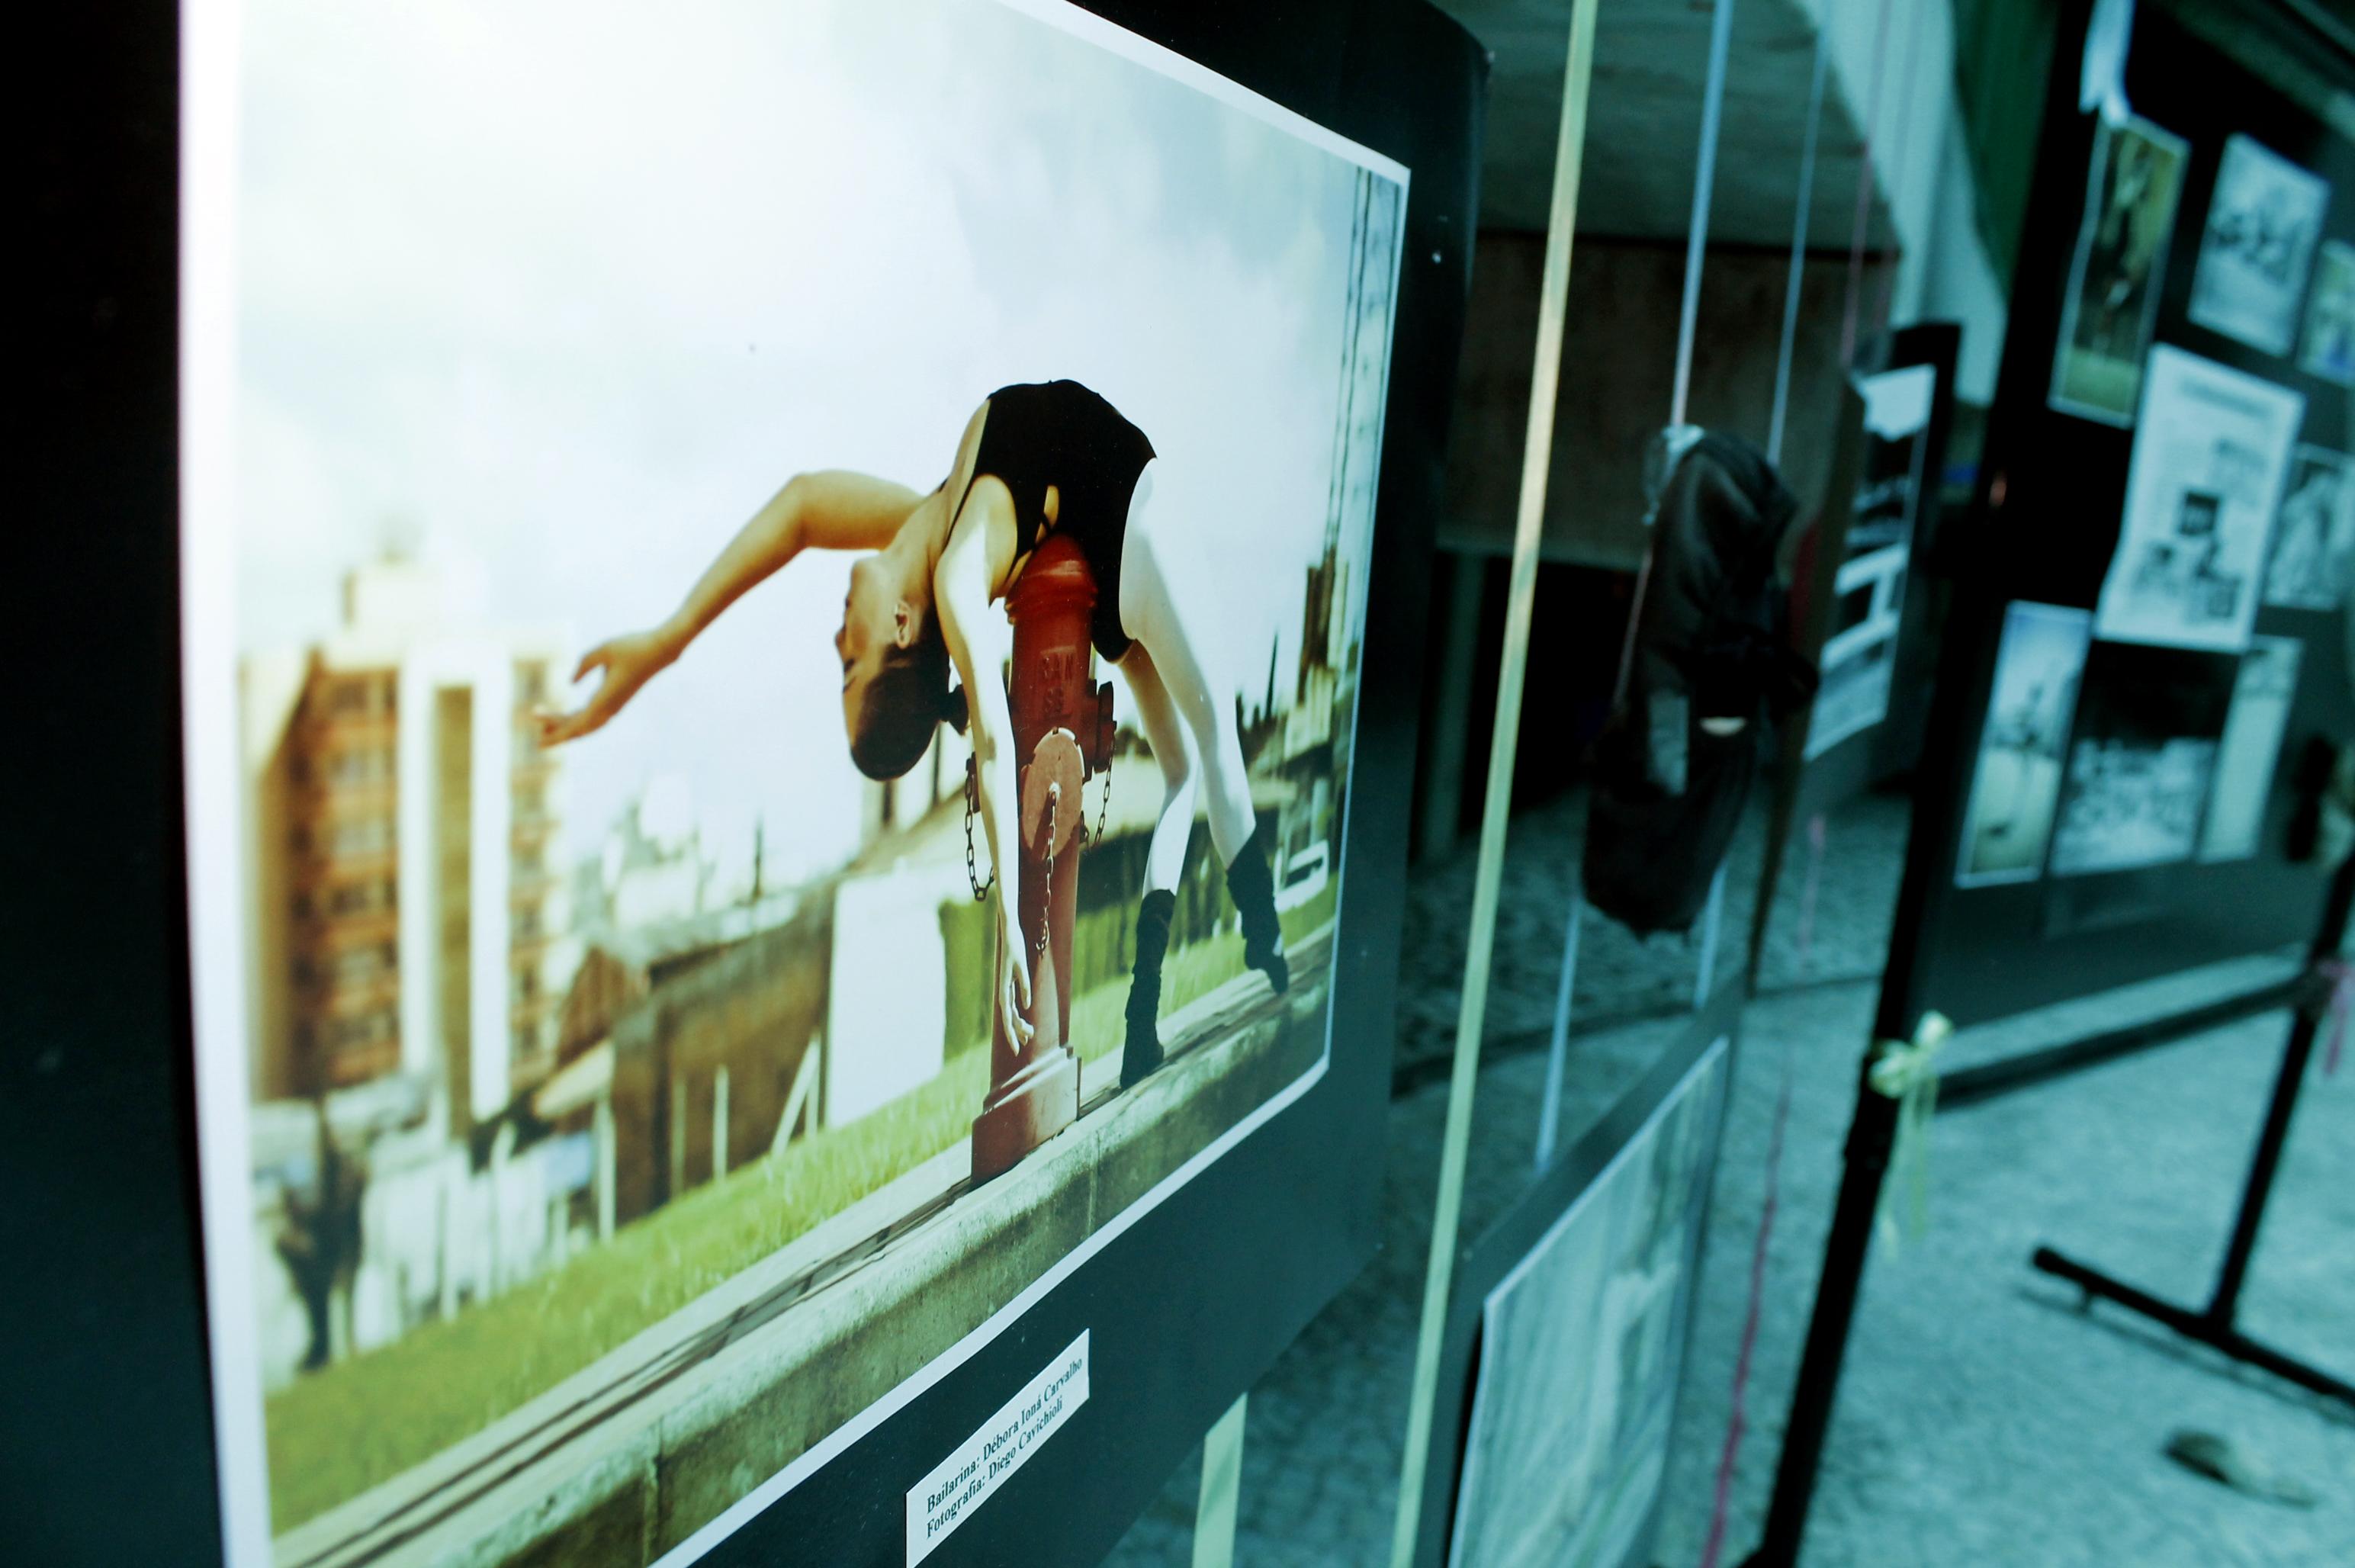 """UNIFEBE apresenta exposição """"Bailarina Urbana"""" até 30 de abril"""